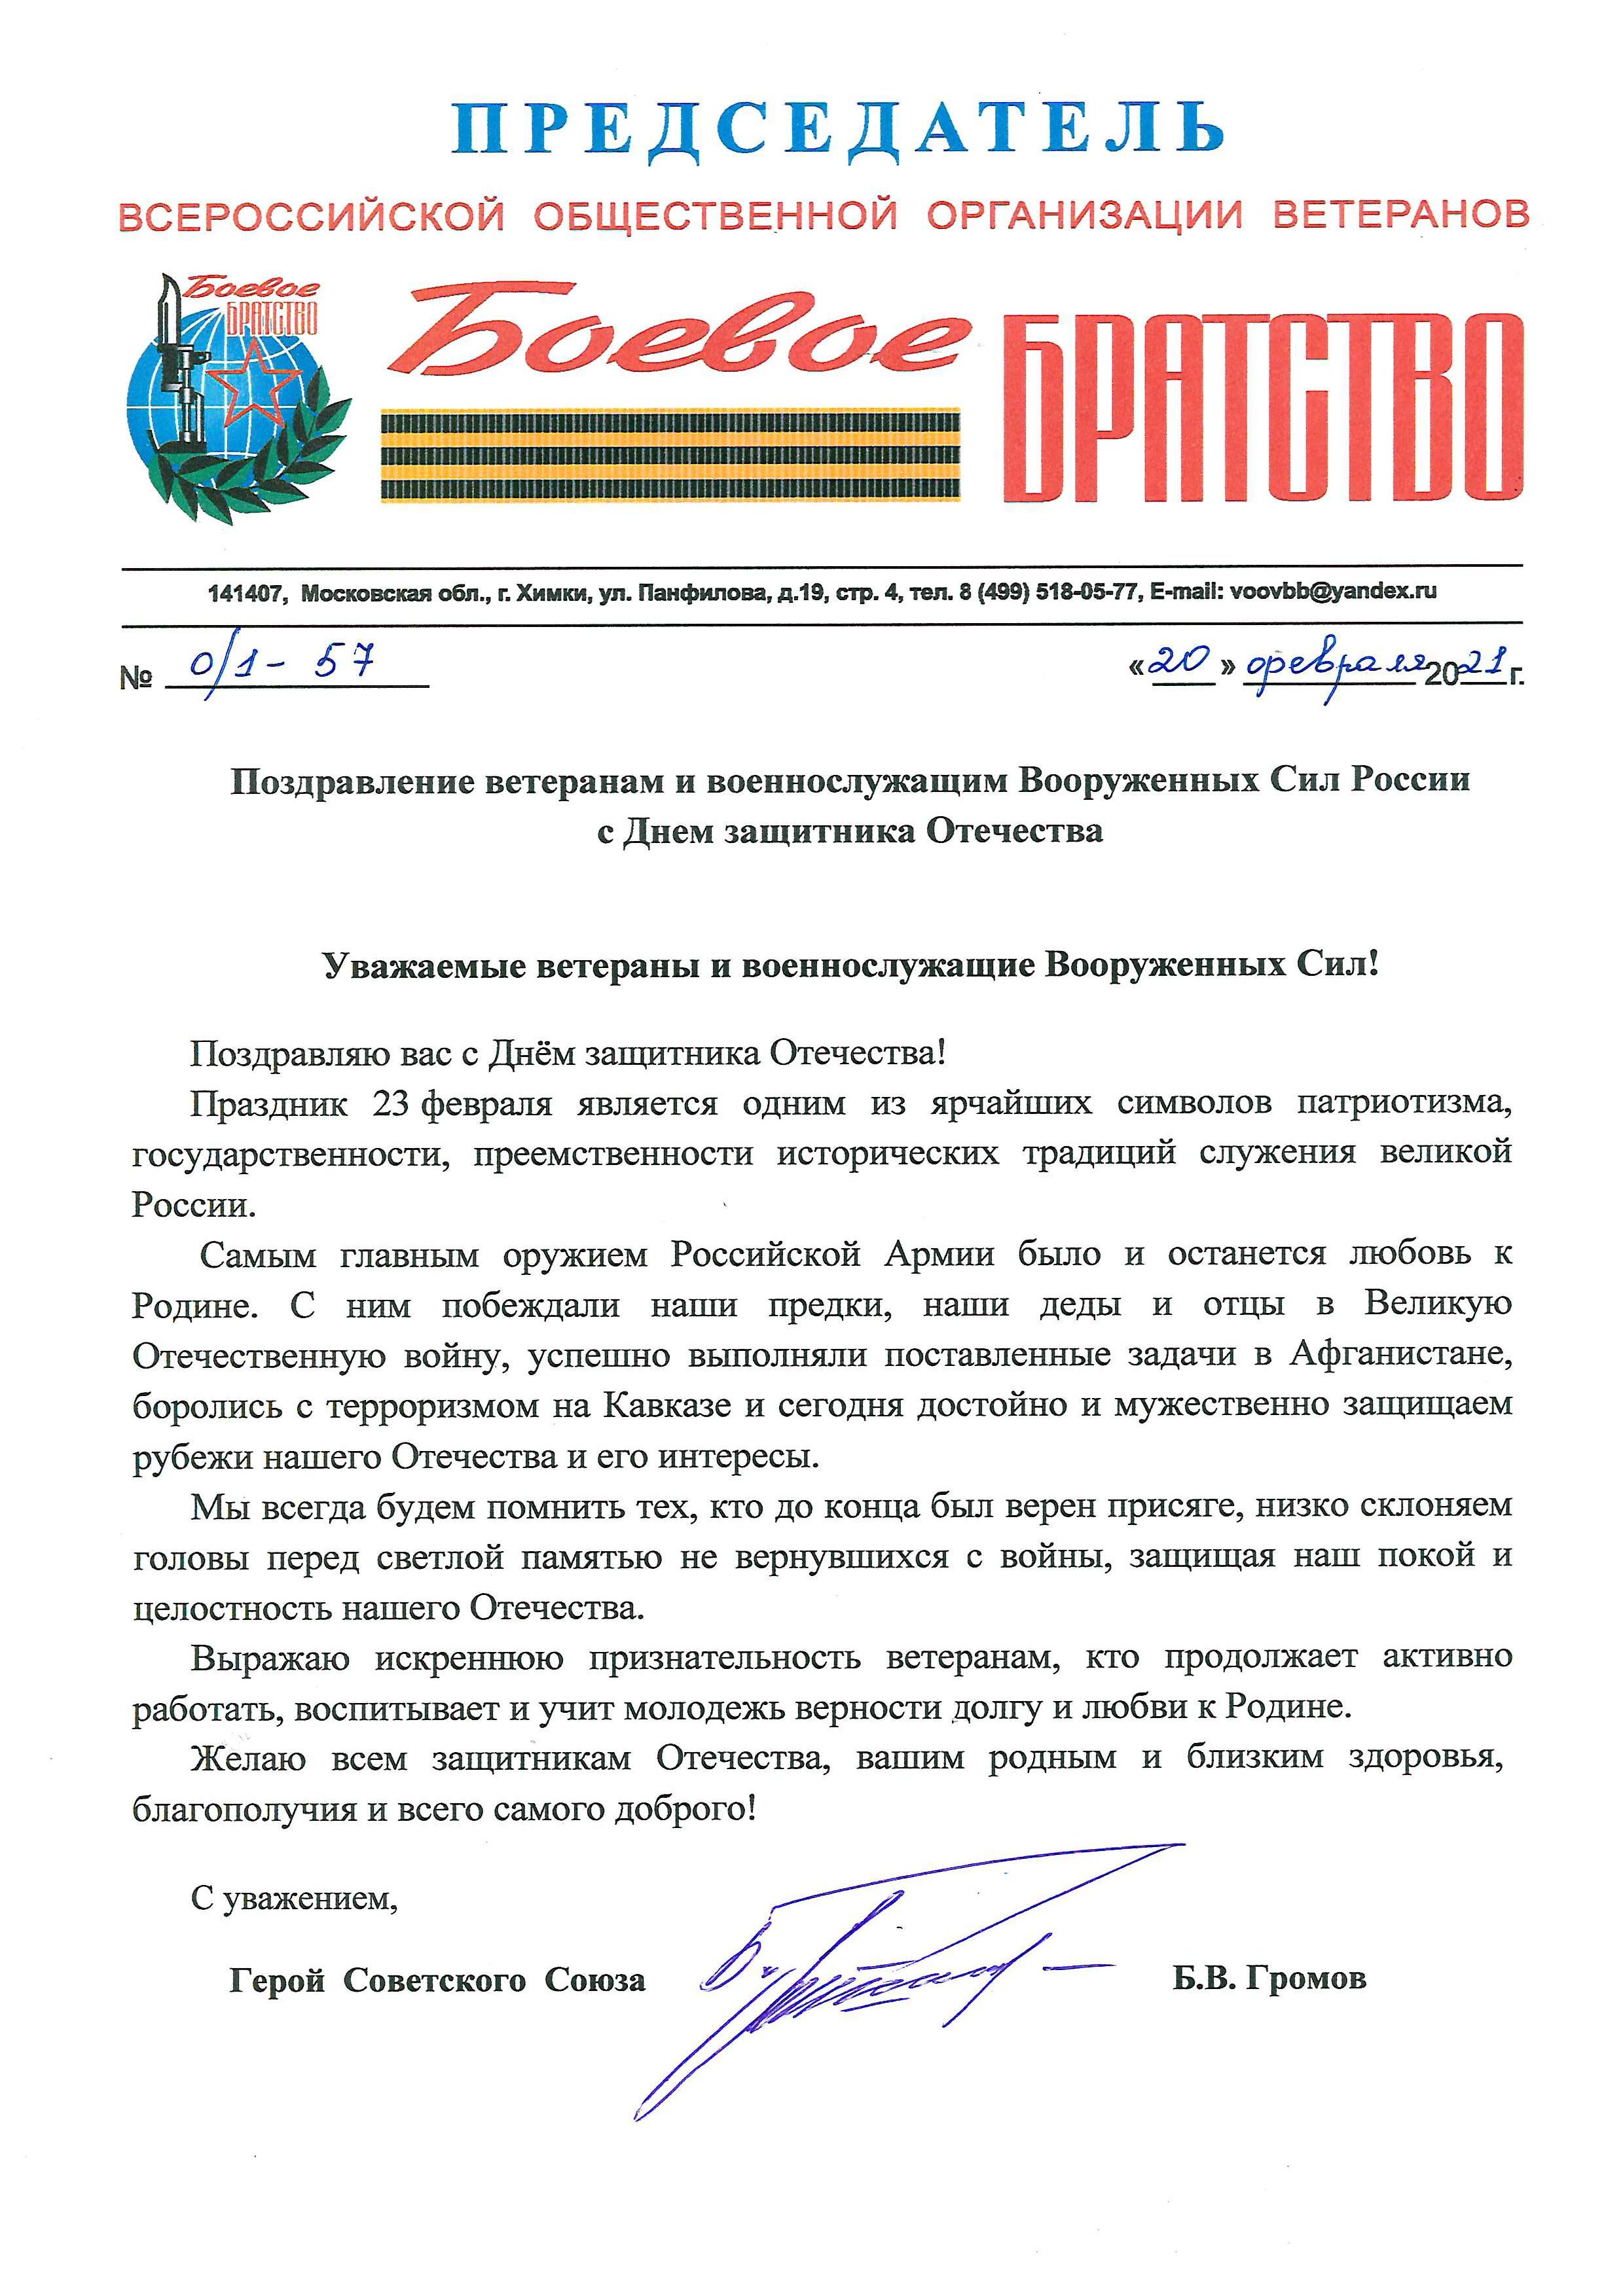 Борис Громов поздравляет ветеранов и военнослужащих Вооруженных Сил России с Днем защитника Отечества